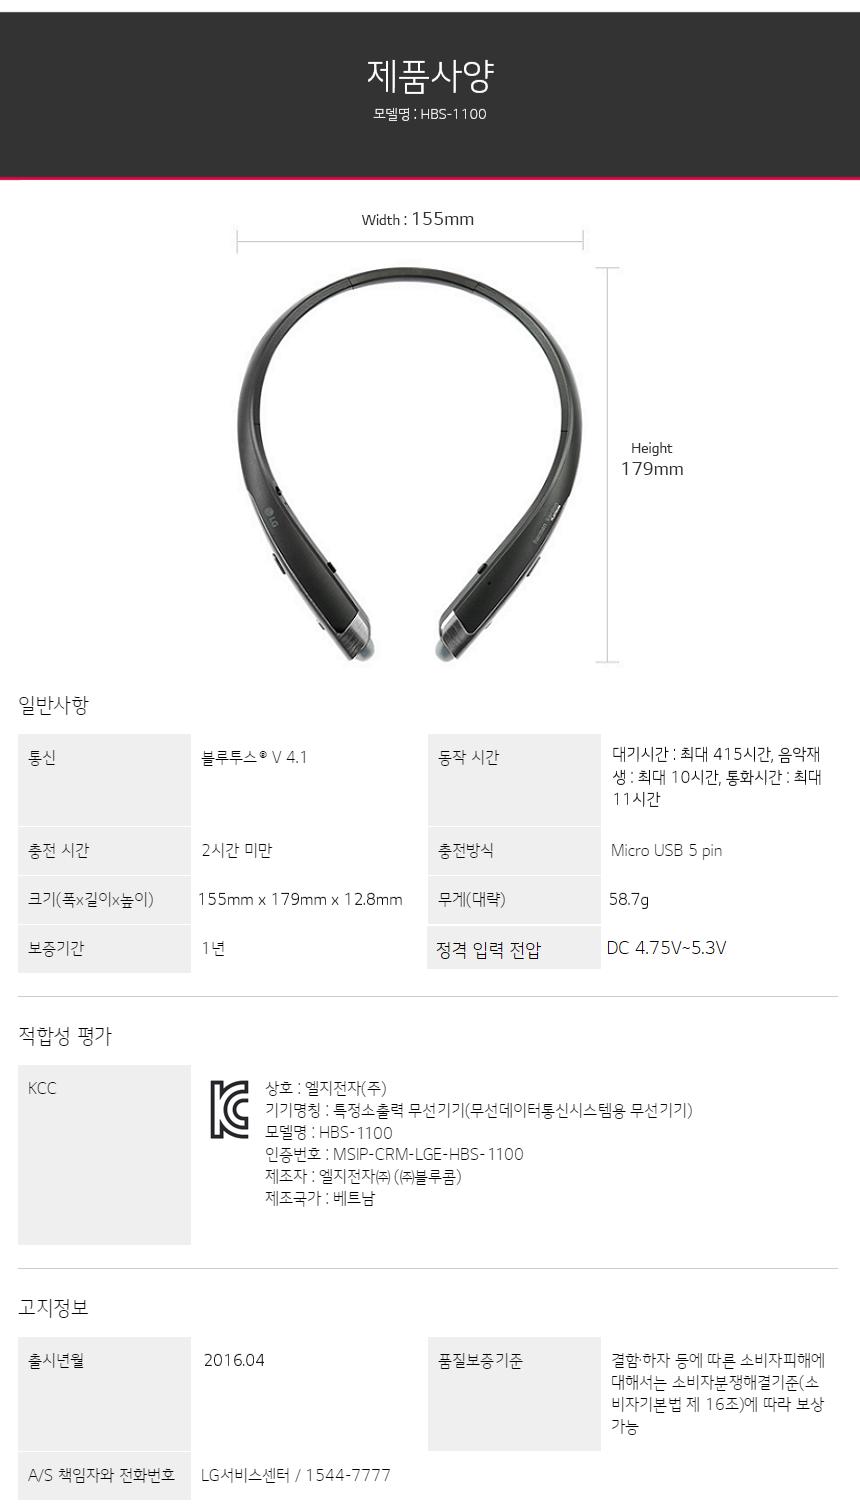 HBS-1100 제품 사양